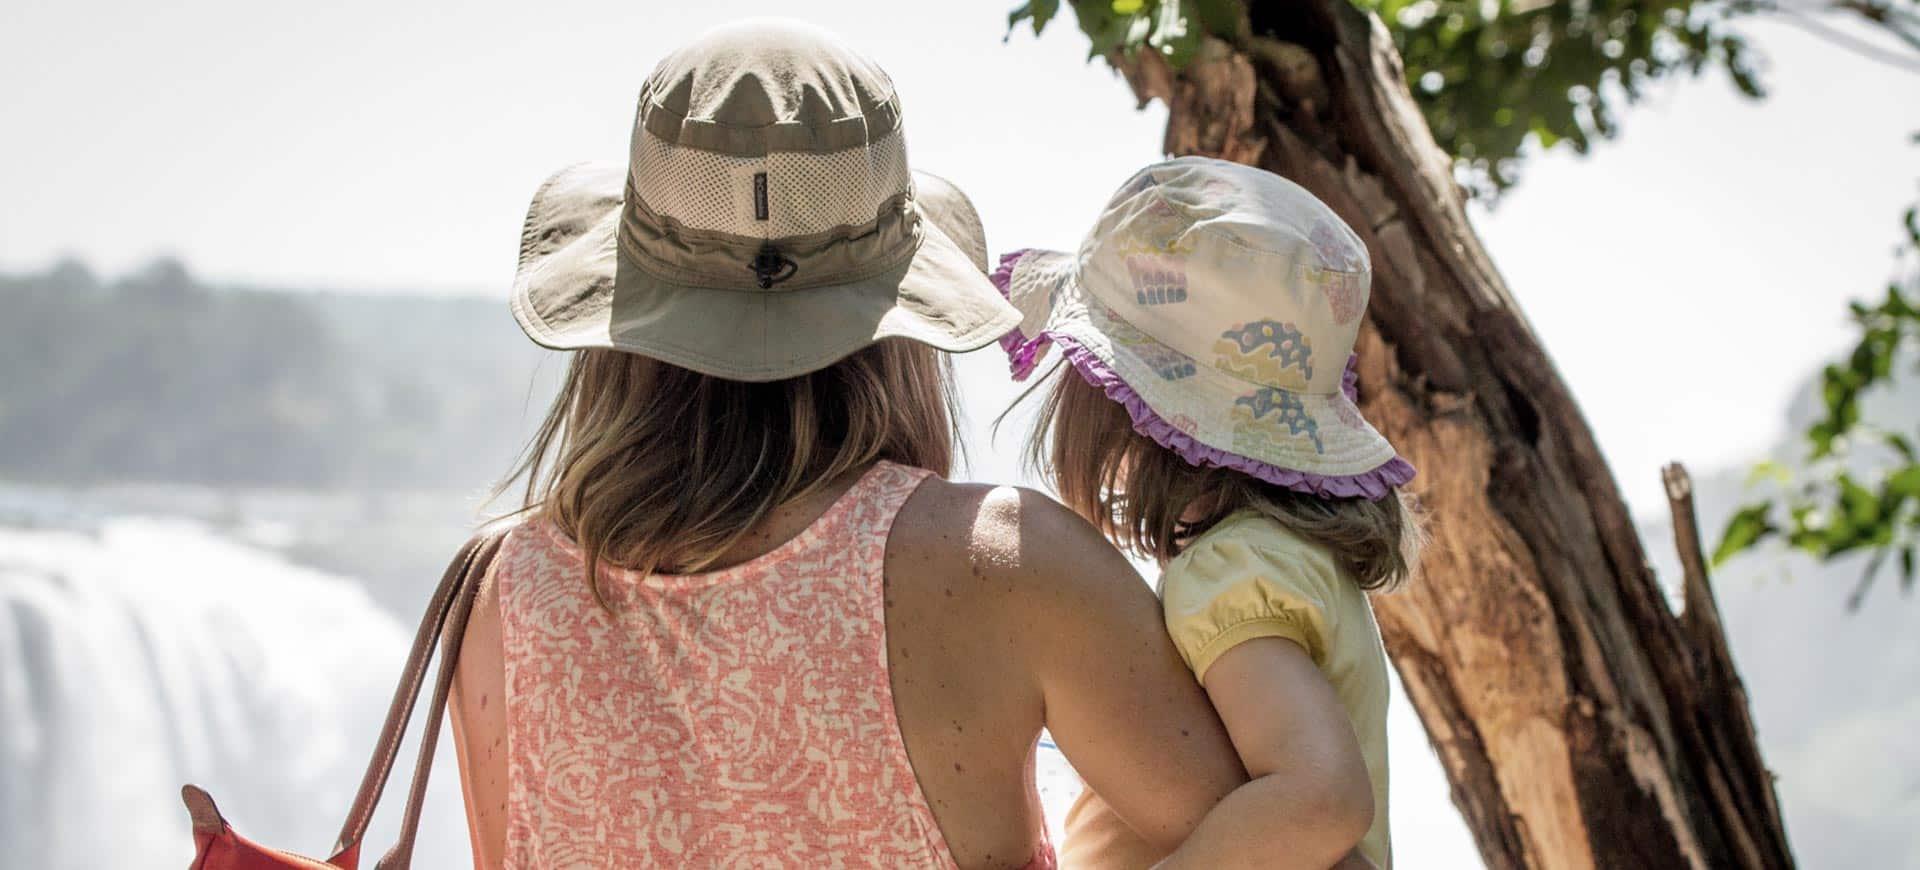 Victoria Falls Activities For Children